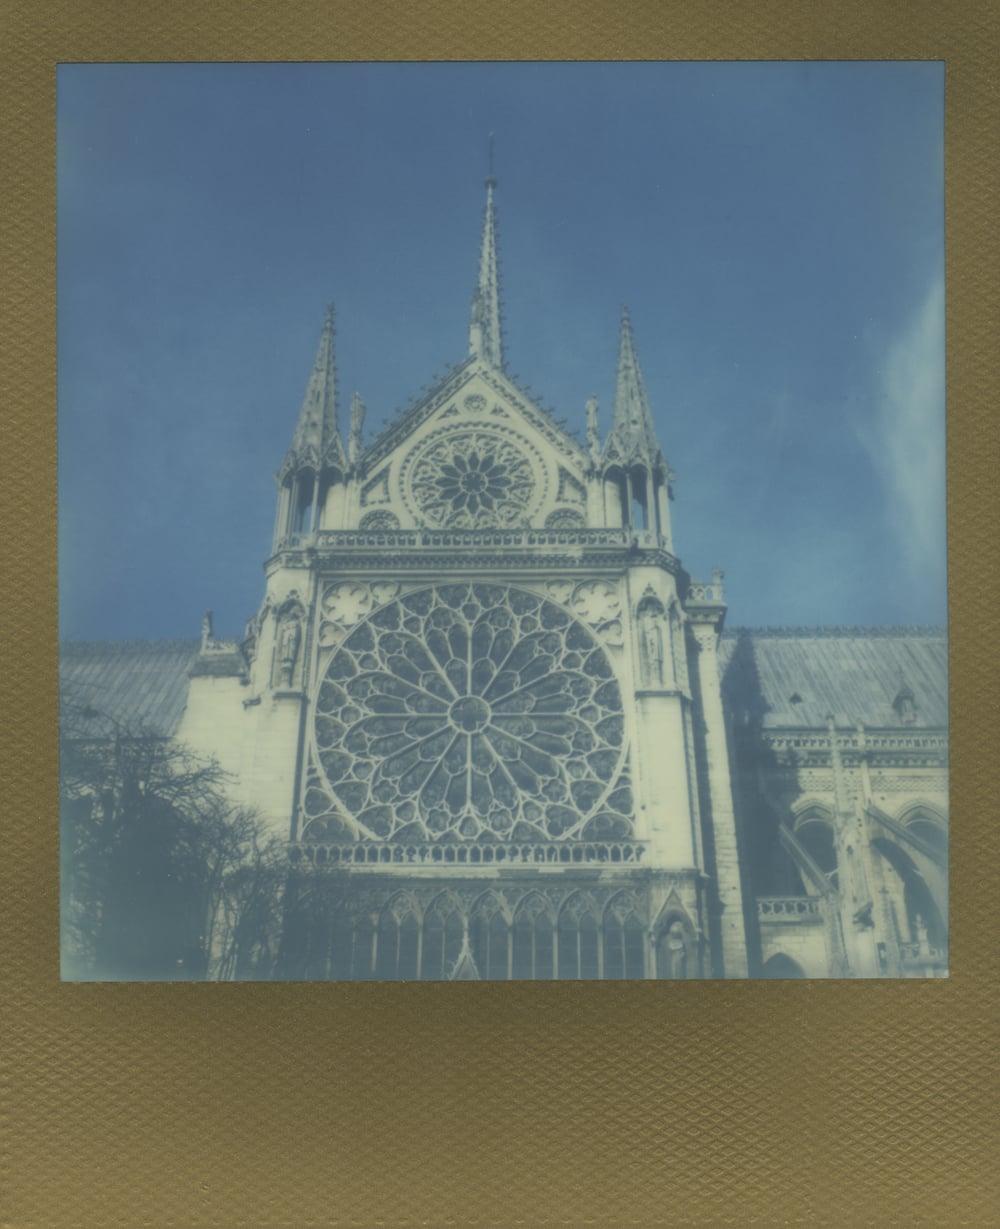 ParisPola2068.jpg